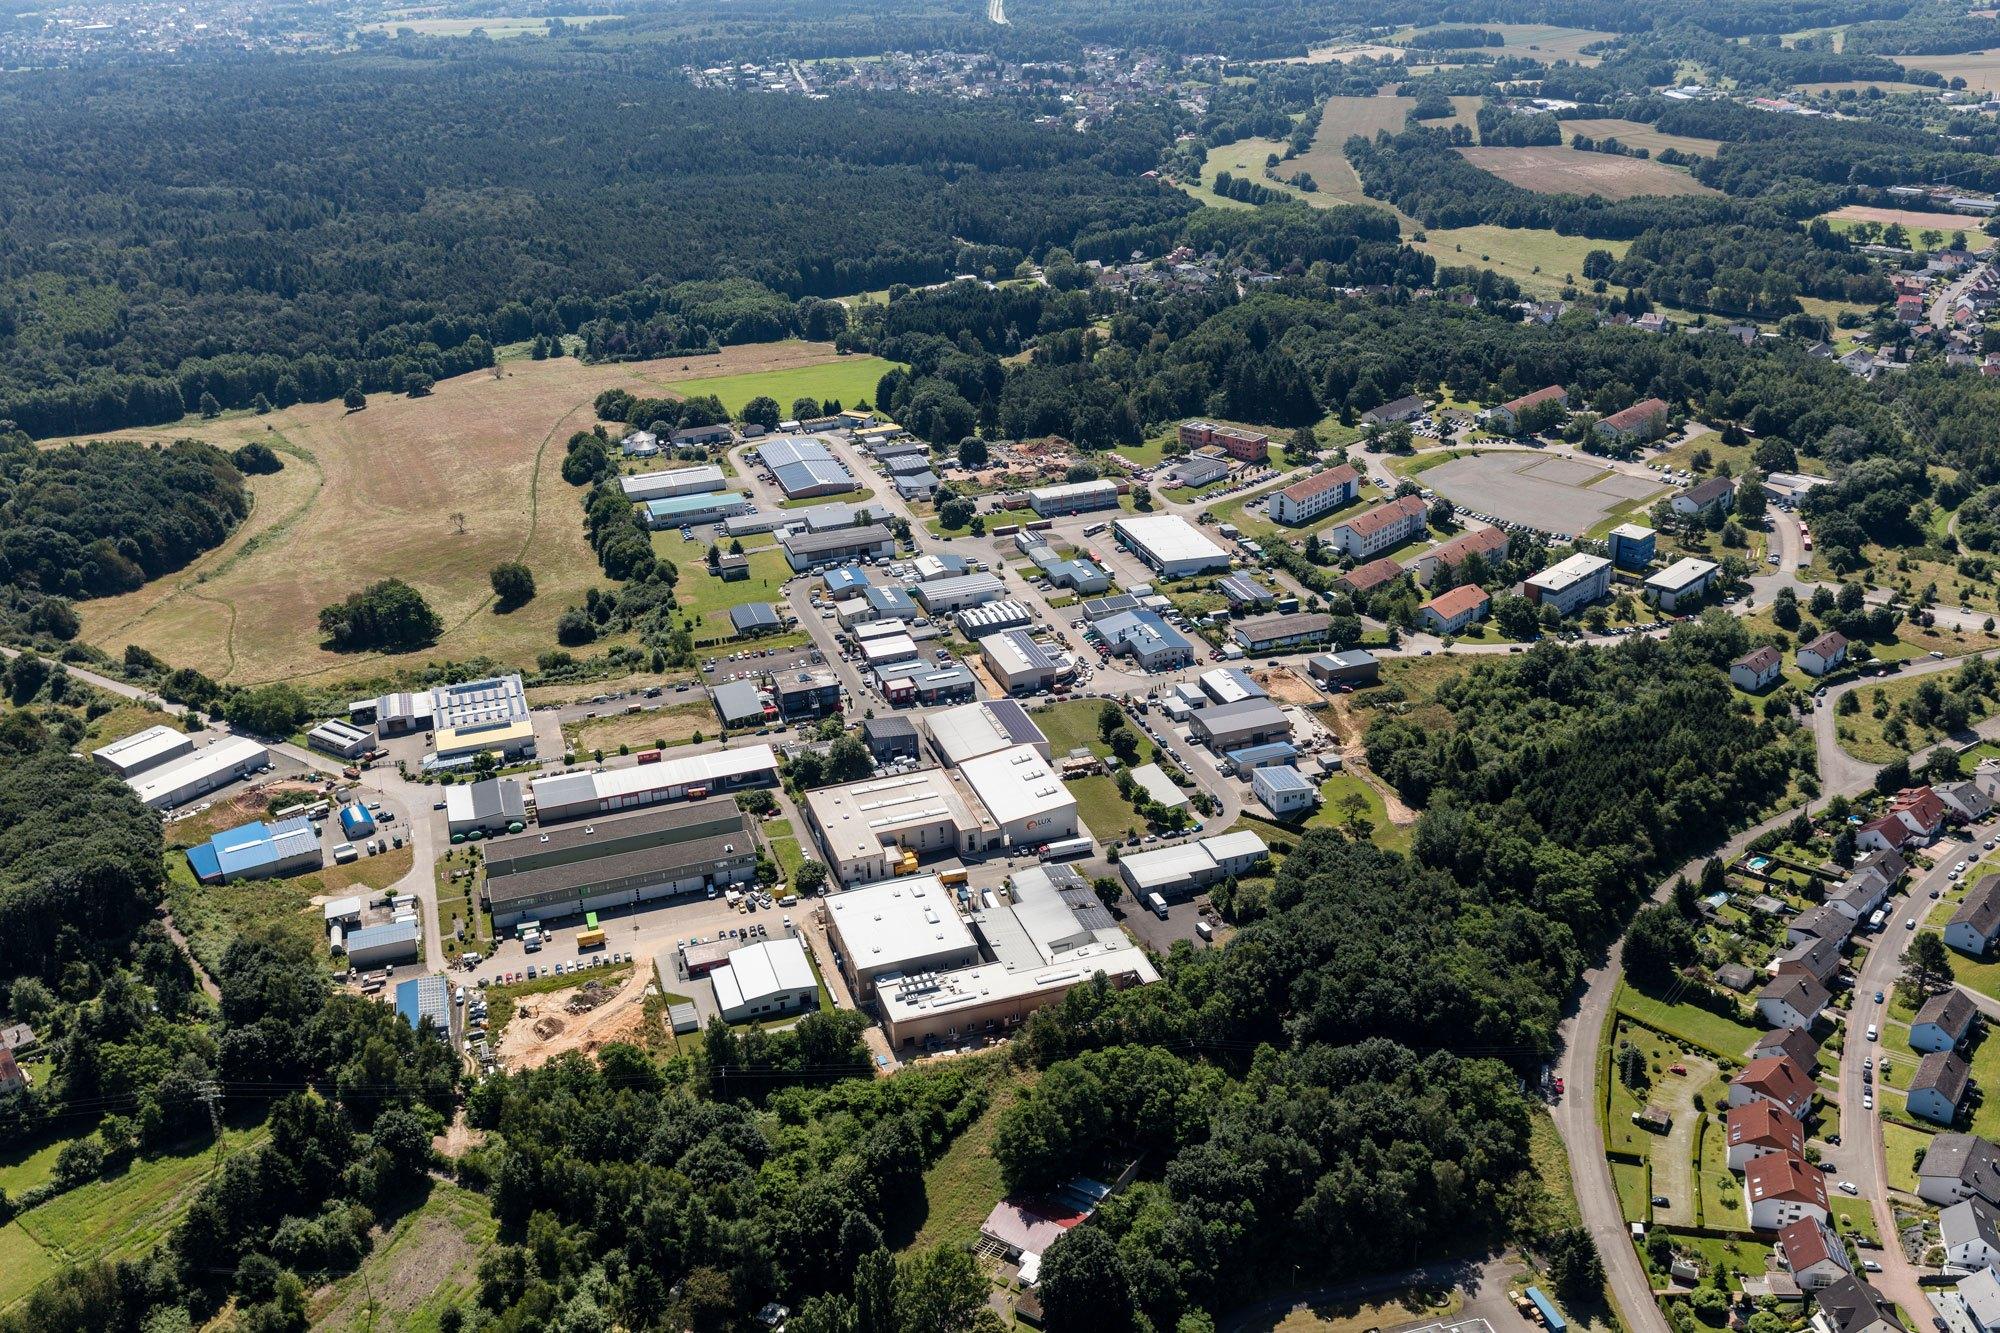 Luftaufnahme des Saarpfalz Parks in Bexbach